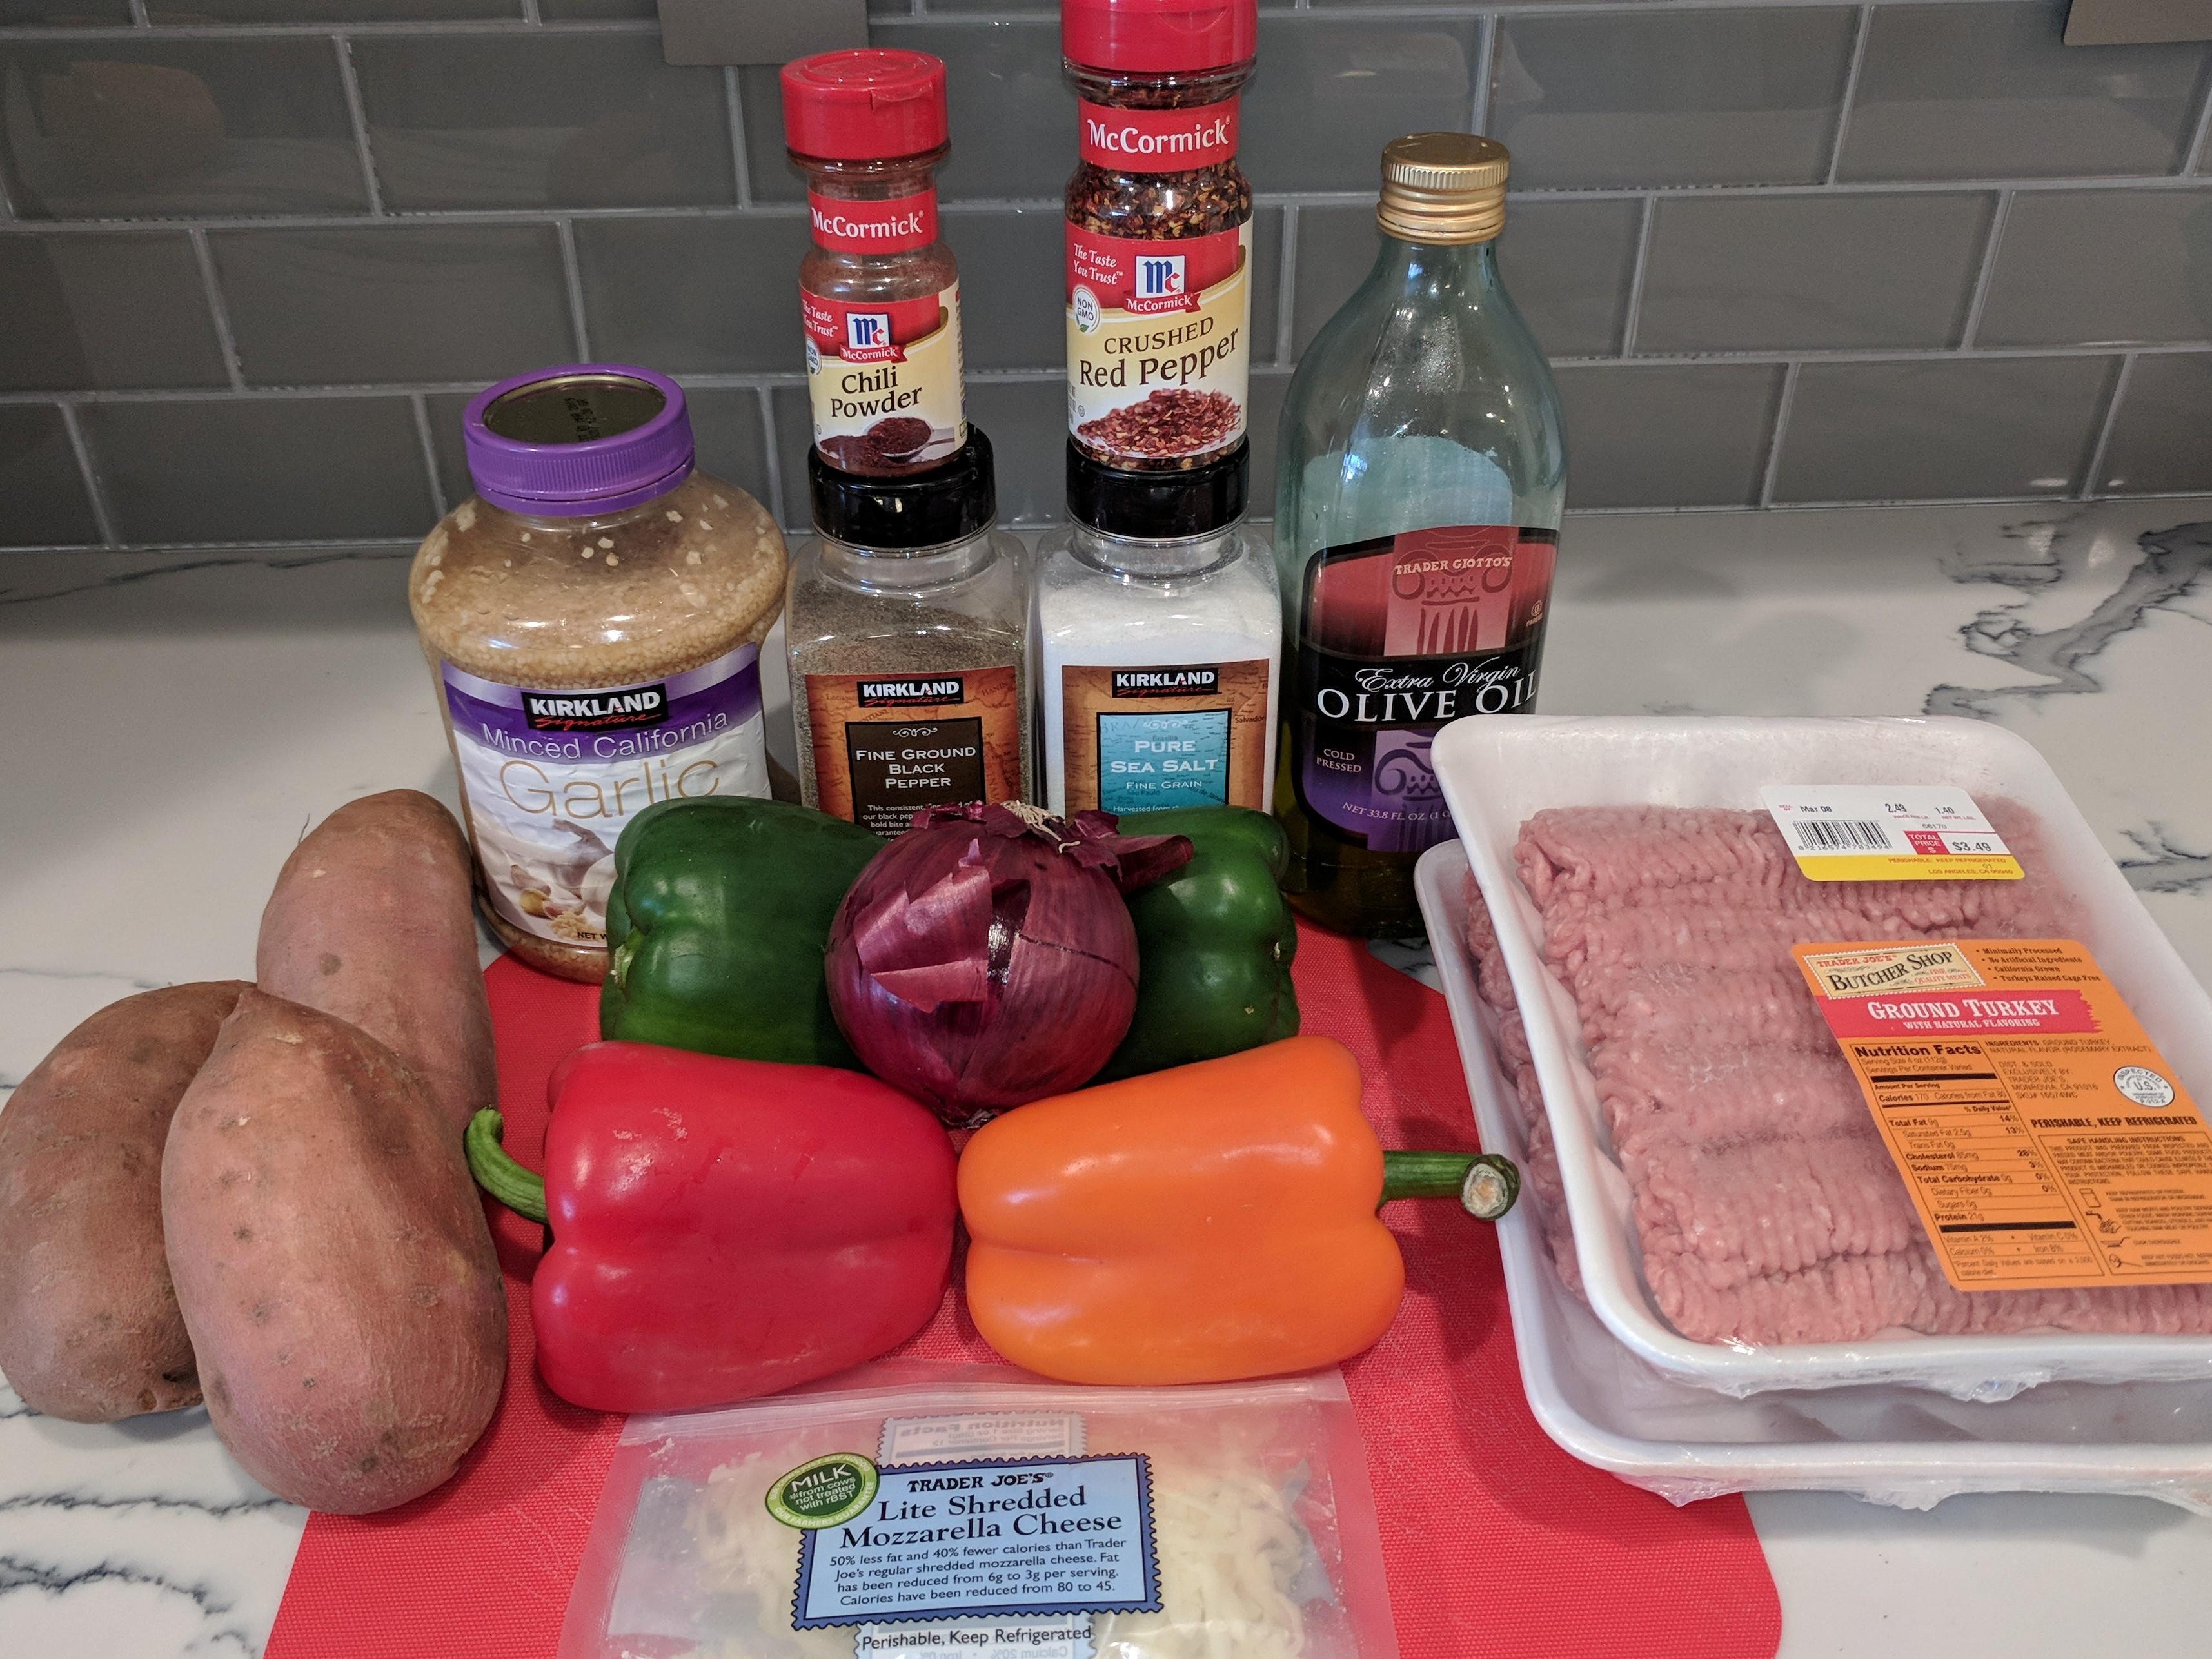 sweet-potato-skillet-ingredients